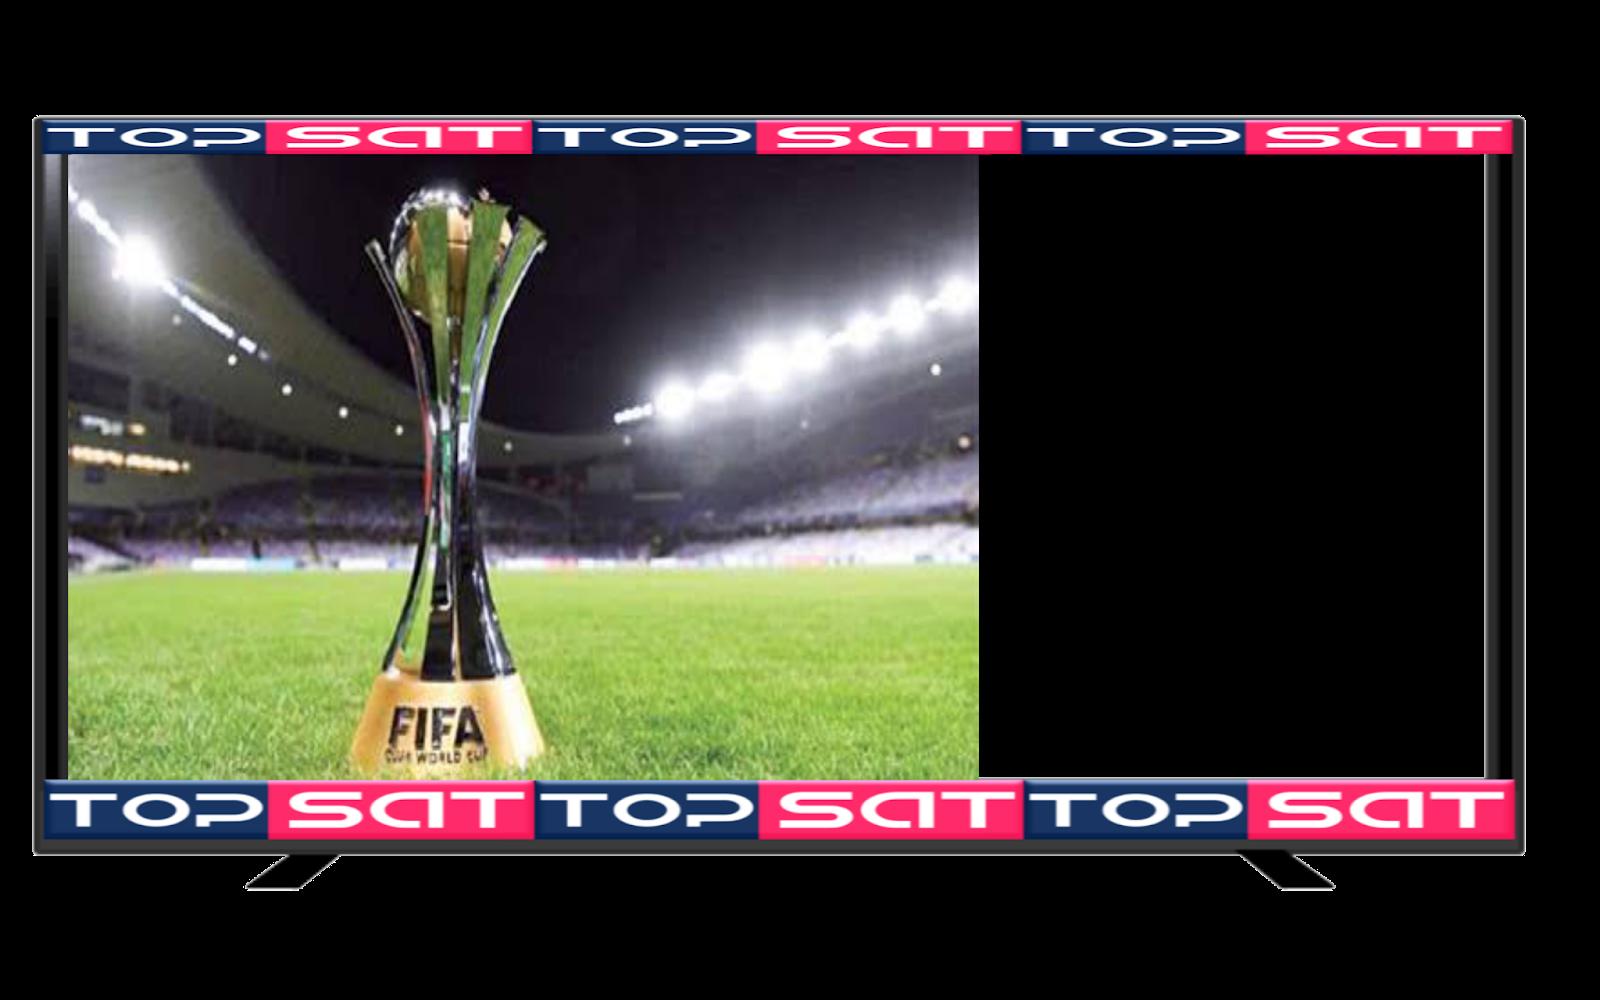 ترددات جميع القنوات المفتوحة الناقلة لكأس العالم للأندية 2021 بقطر مجانا نايل سات عرب سات إليكم قائمة القنوات المفتوحة الناقلة ل In 2021 Baseball Bat Fifa Sports